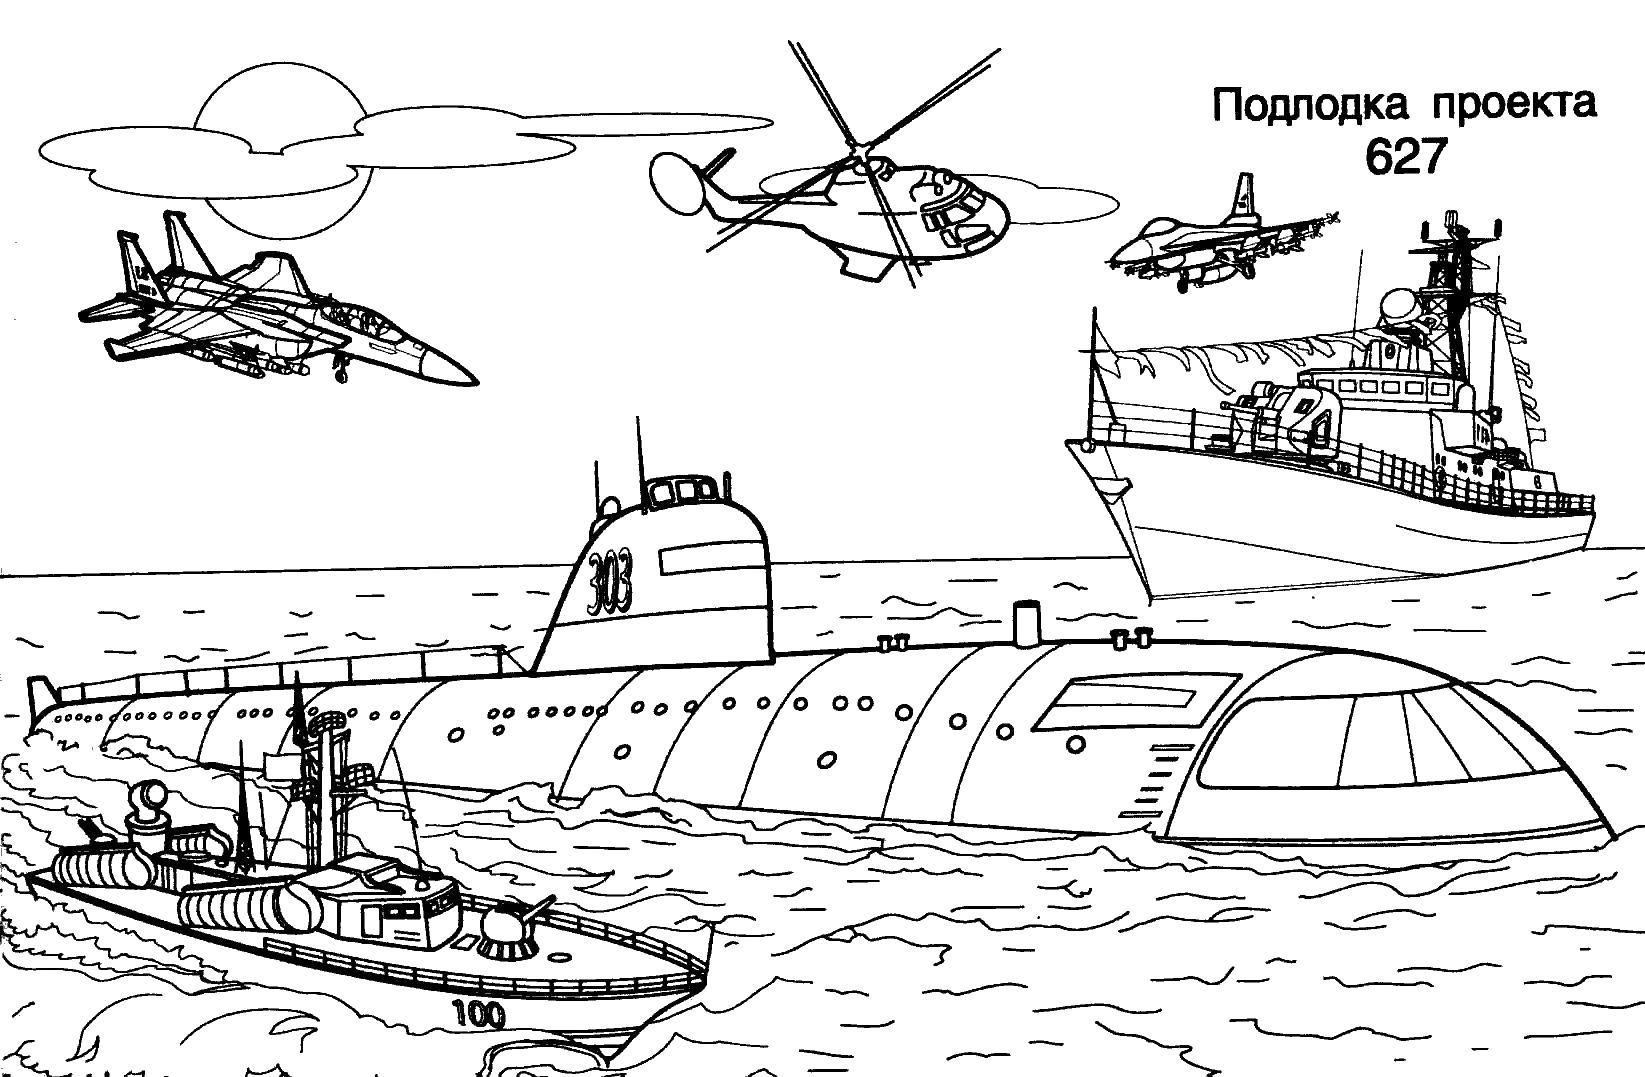 Подводные лодки проекта 627 Раскрашивать раскраски для мальчиков